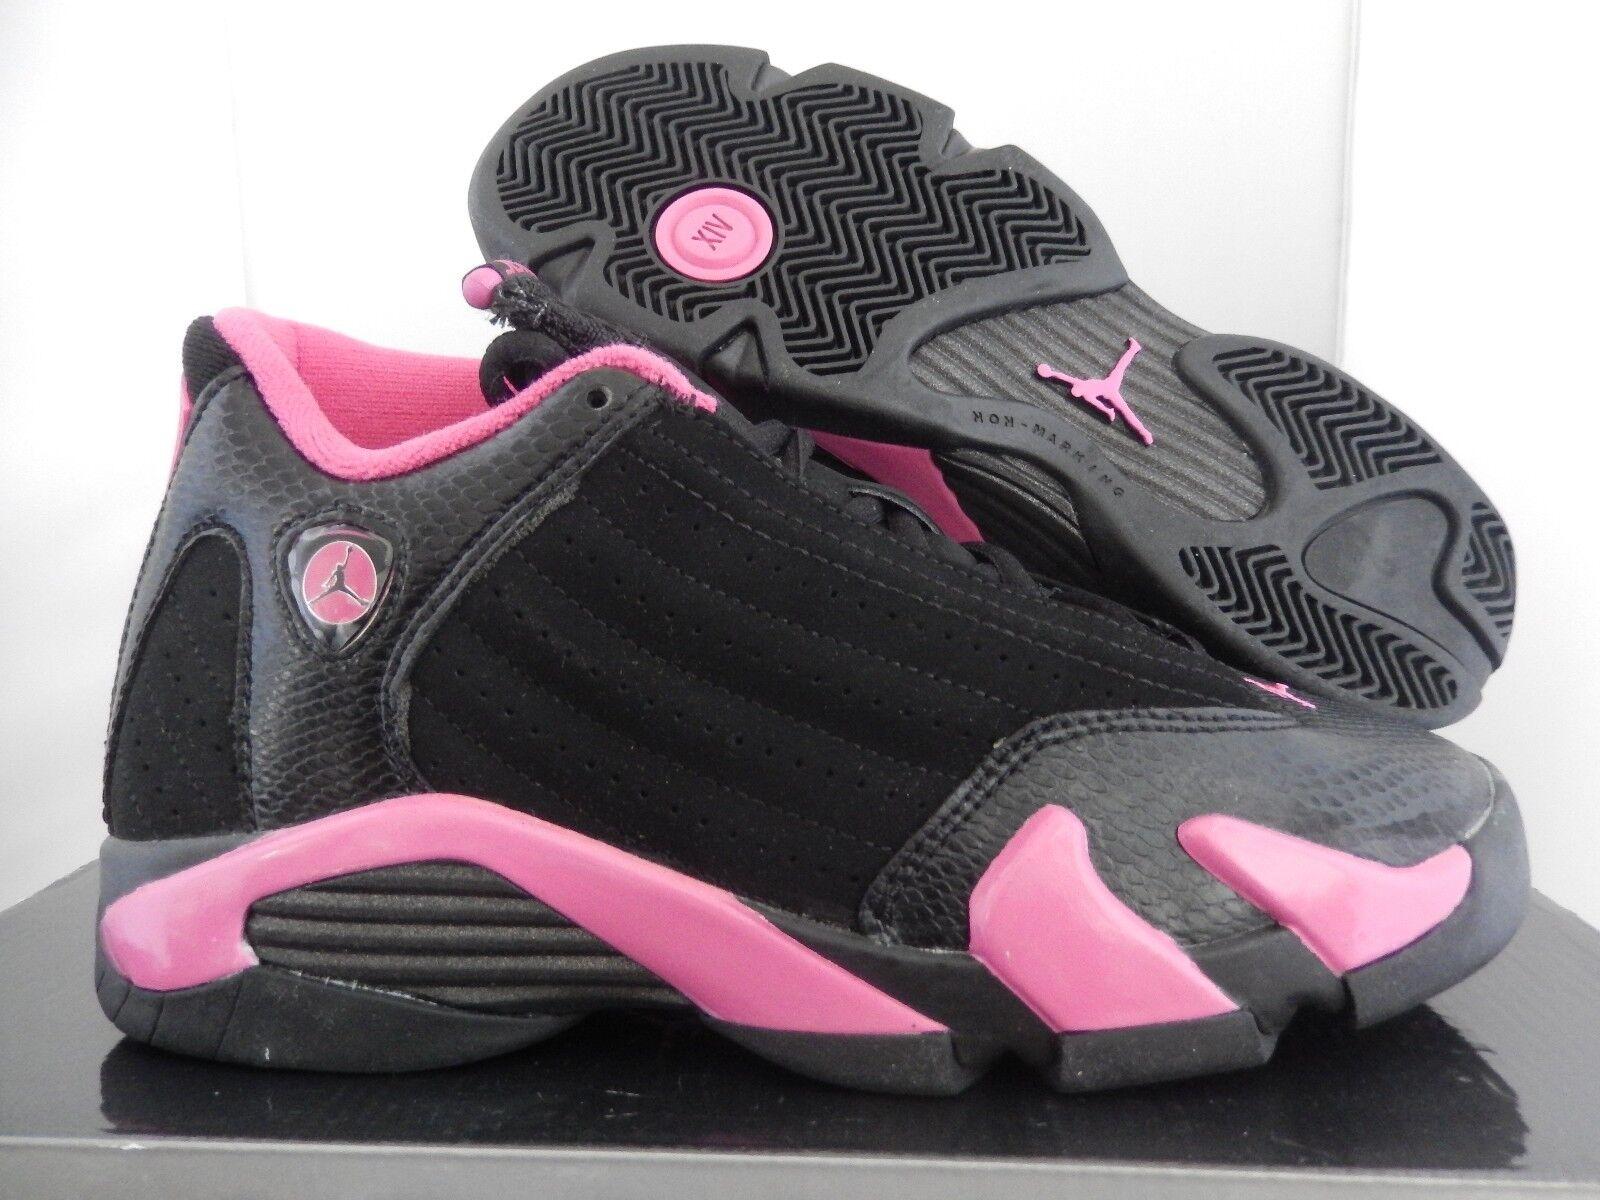 Chicas Retro Nike Air Jordan 14 Retro Chicas Negro-Rosa (grade-school) tamaño 5Y-Para Mujer [467798-012] 38eef3